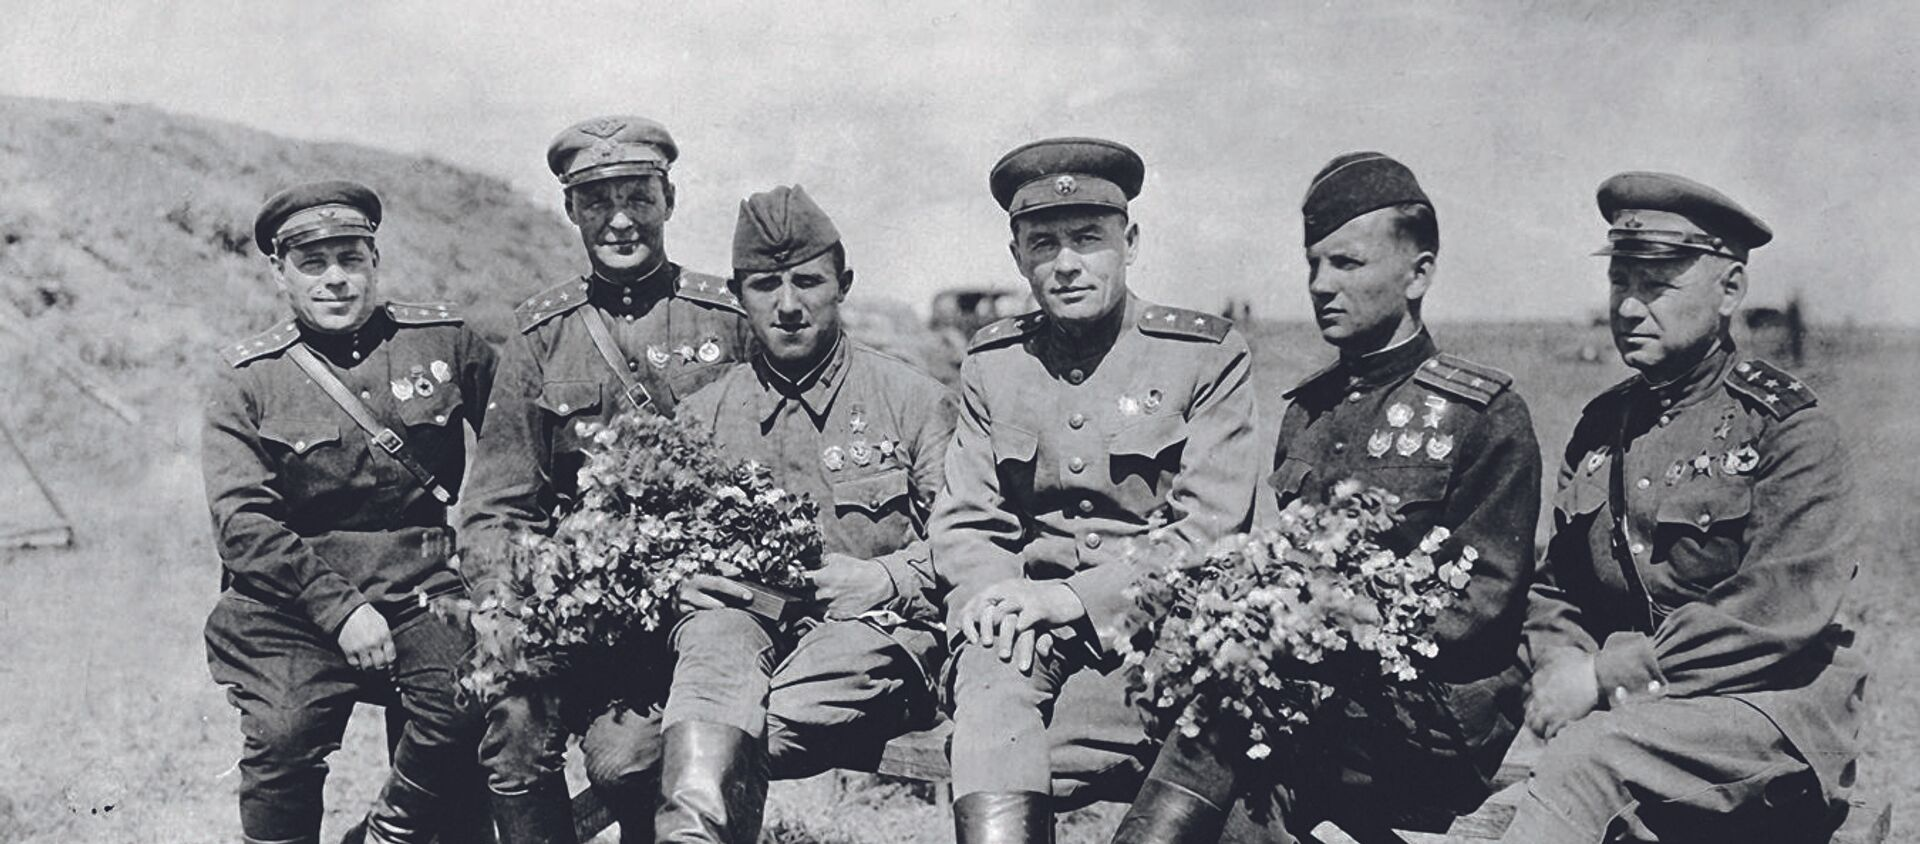 Генерал-лейтенант К.А. Вершинин с боевыми товарищами — воздушными асами Великой Отечественной войны - Sputnik Latvija, 1920, 09.05.2019